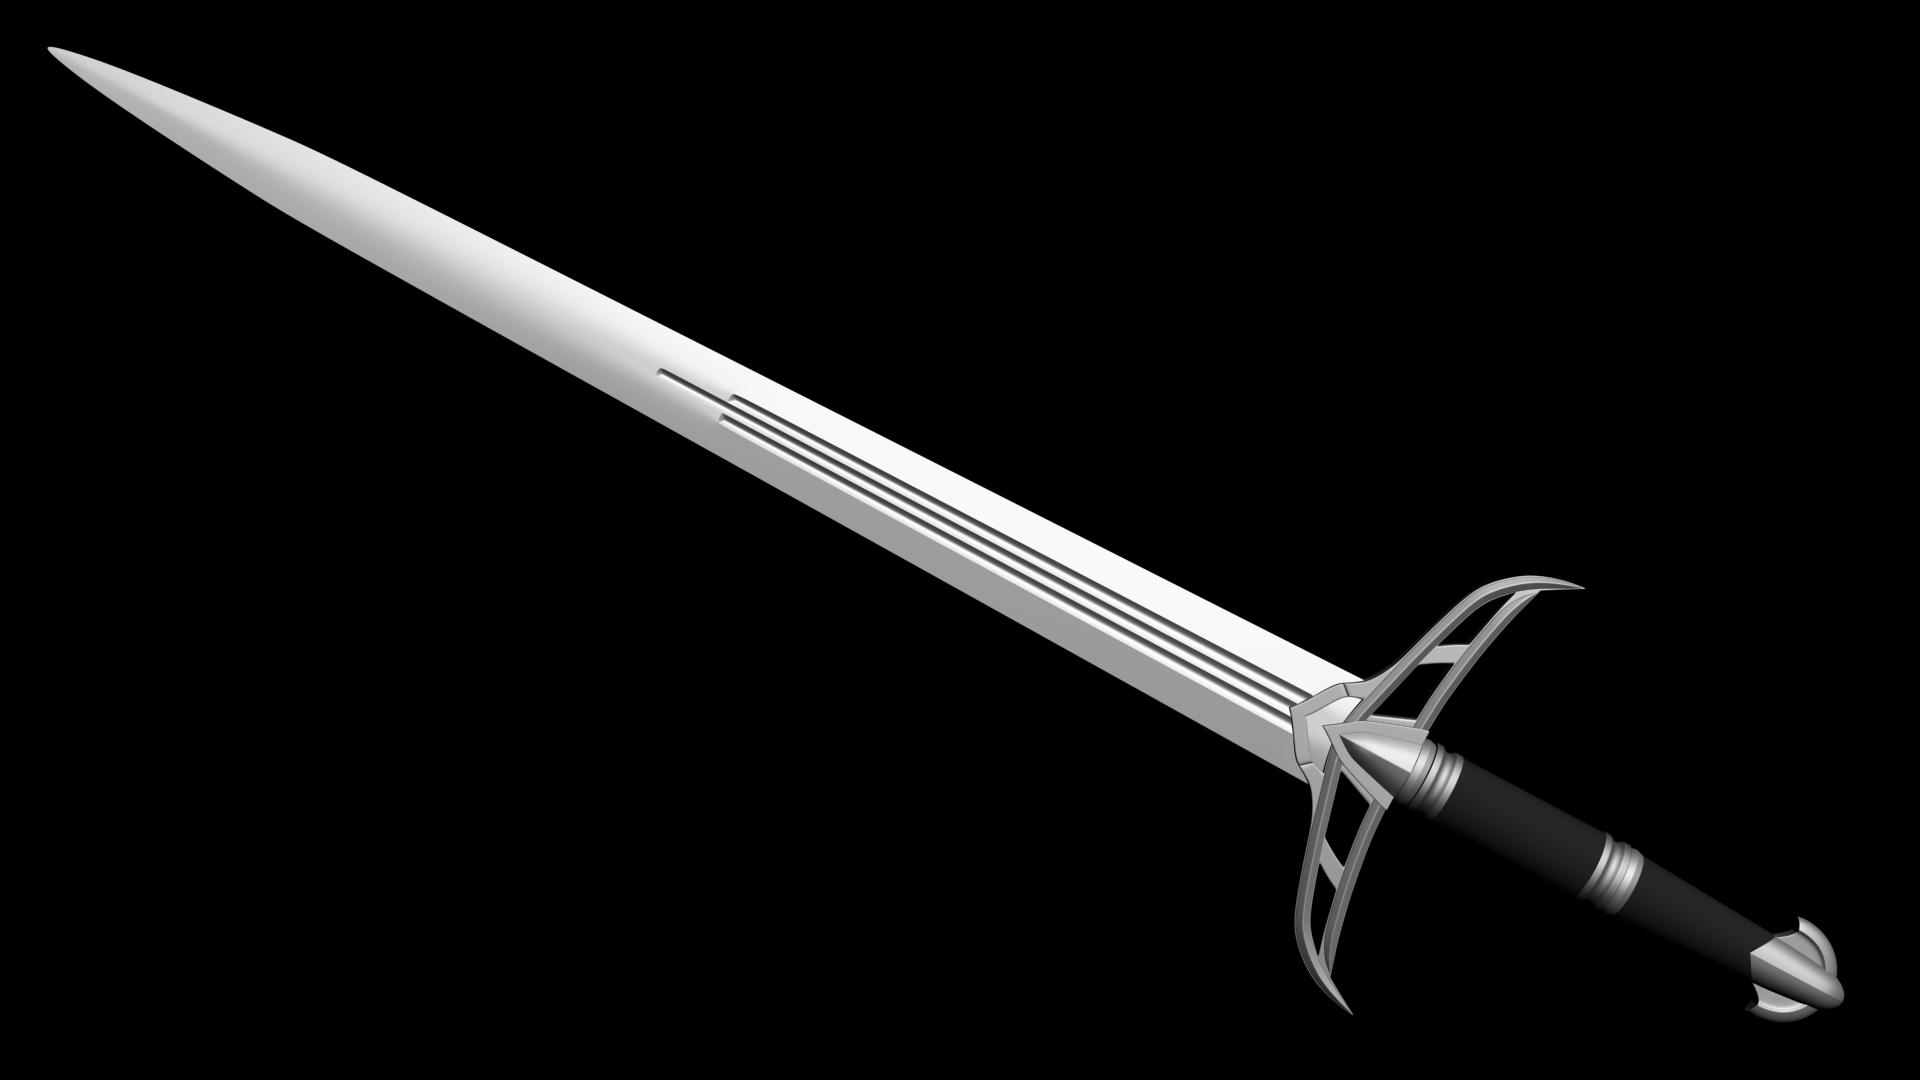 Sword Clipart Png.